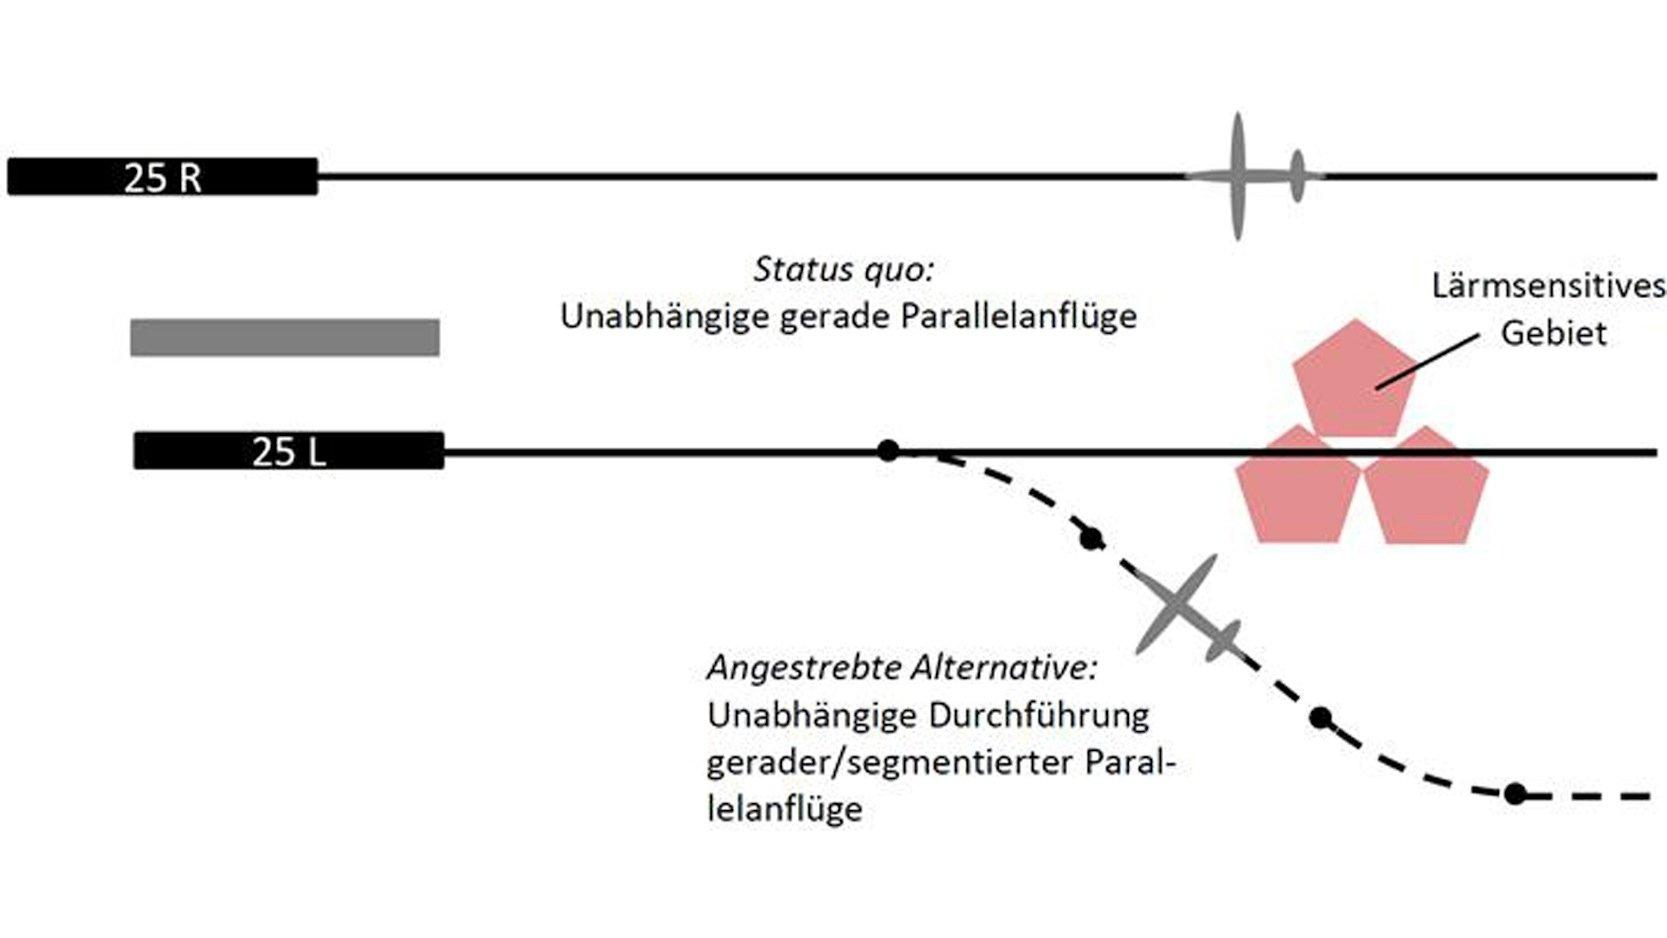 In verkehrsarmen Randzeiten können Flugzeuge um dicht besiedelte Siedlungsschwerpunkte herum fliegen. Das DLR untersucht, wie auch zu Hauptverkehrszeiten alternative Routen genutzt werden können, um weniger Anwohner zu belasten.